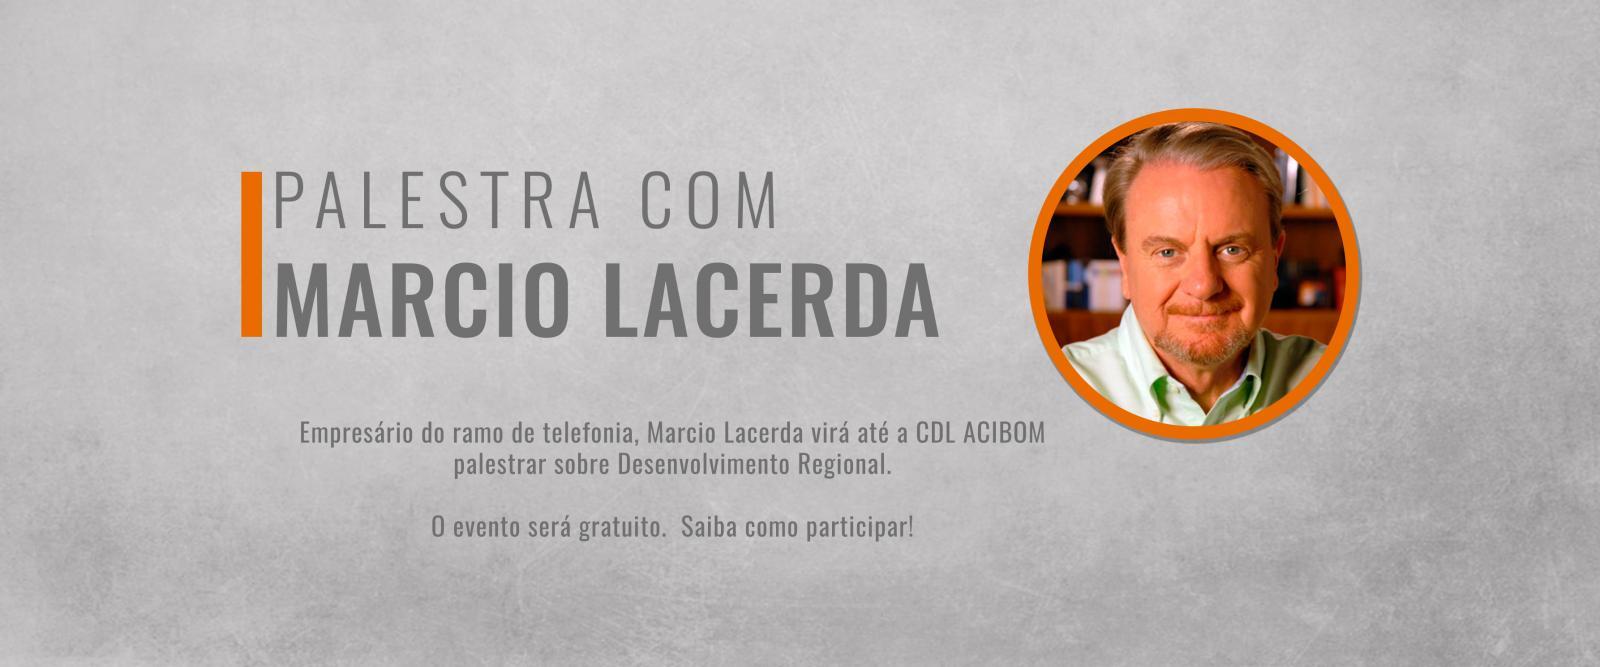 Saiba como participar da palestra GRATUITA com Márcio Lacerda!